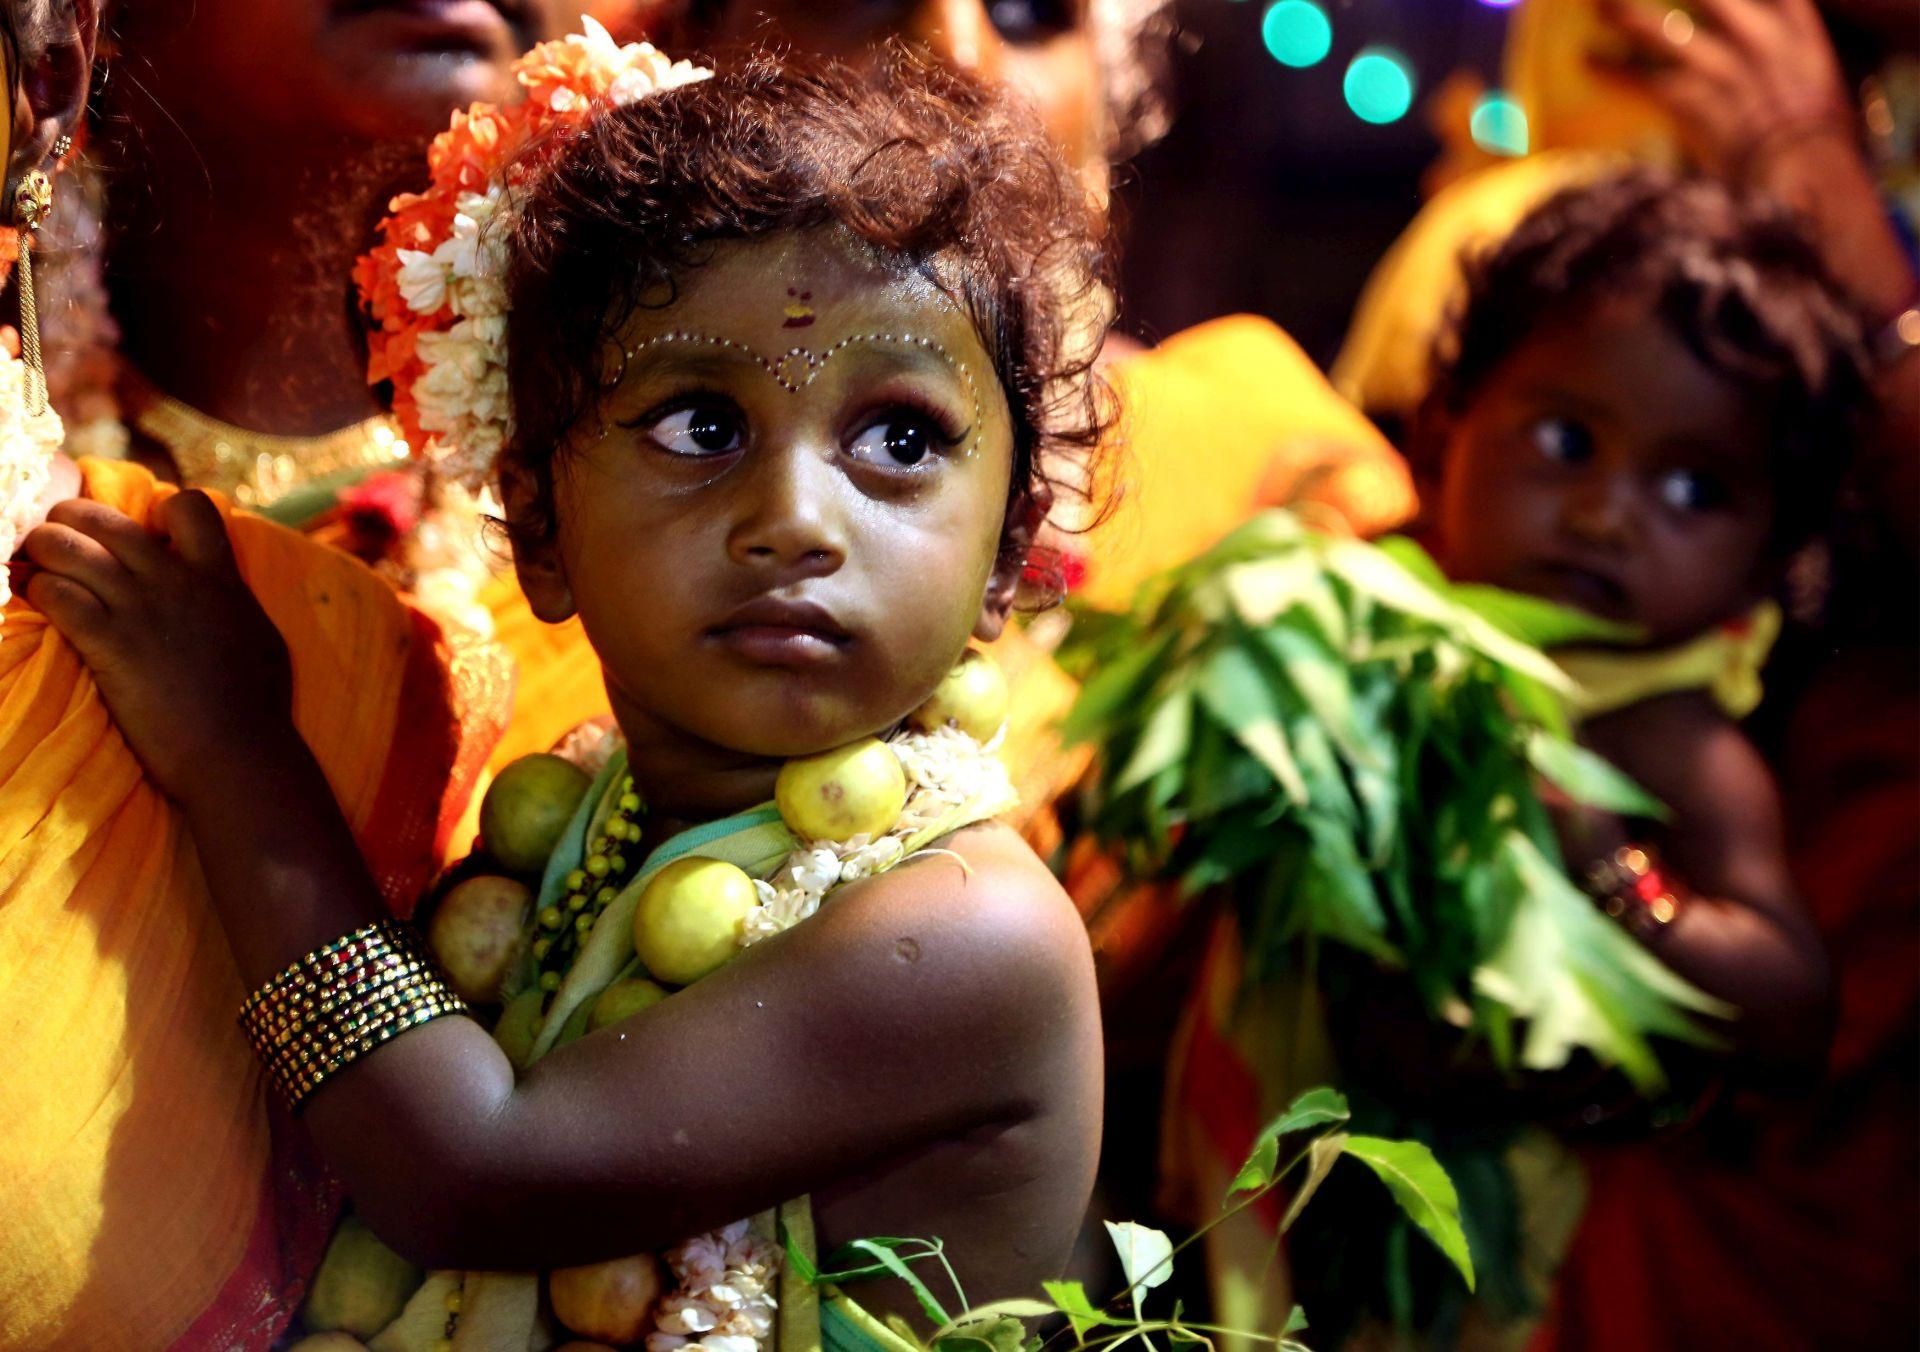 OTMICE I KRIJUMČARENJE: Prisila na prosjačenje 300.000 indijske djece